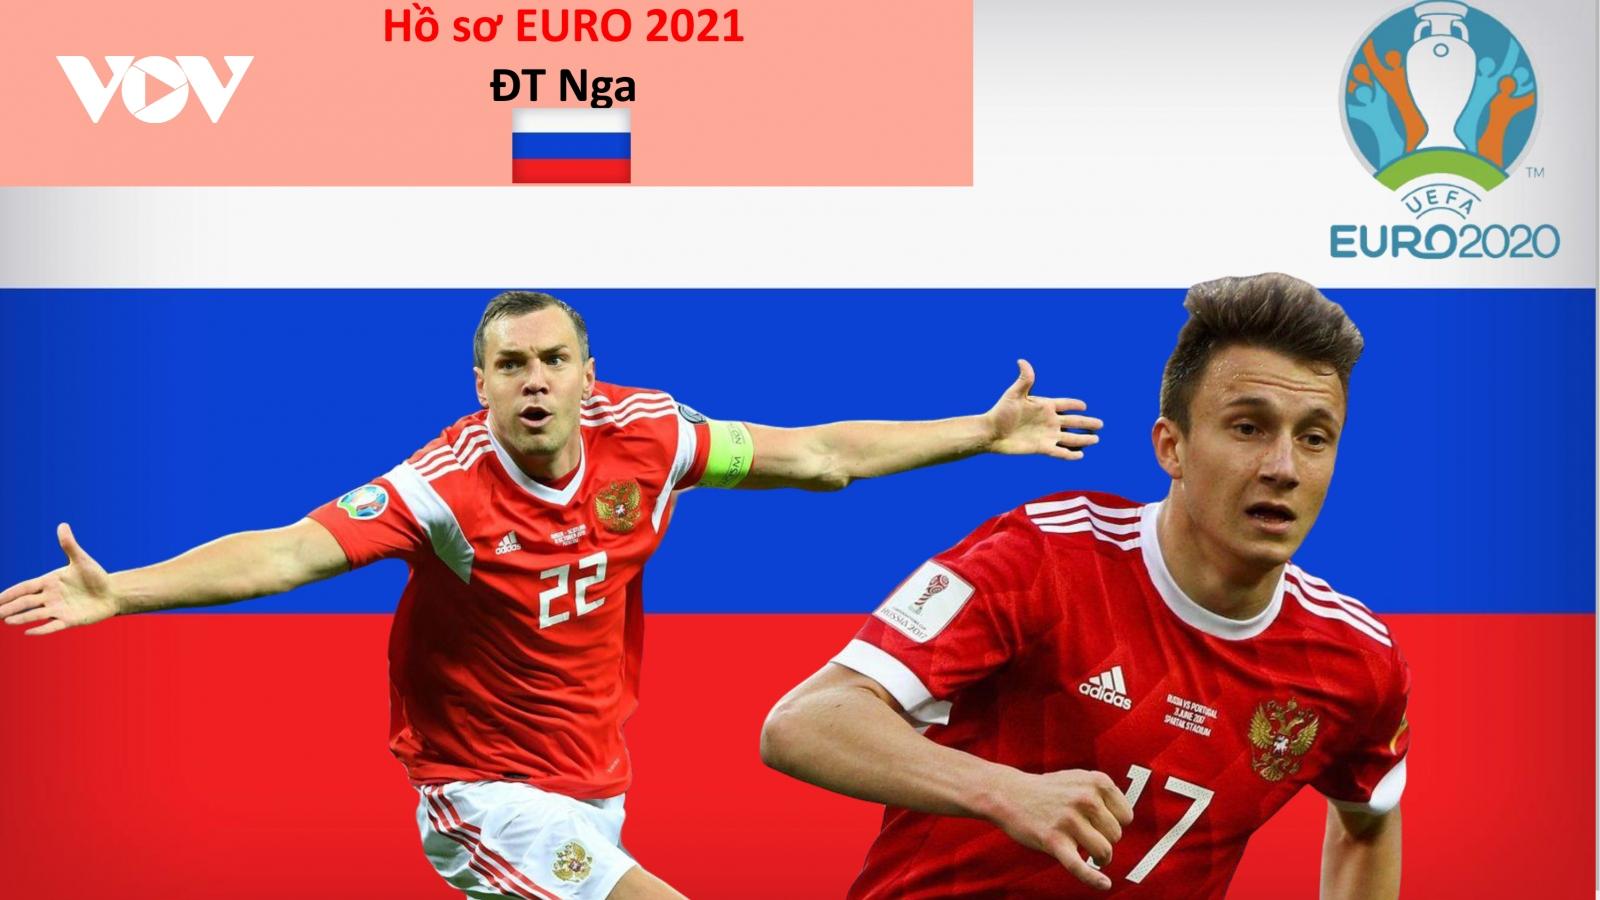 Hồ sơ các ĐT dự EURO 2021: Đội tuyển Nga